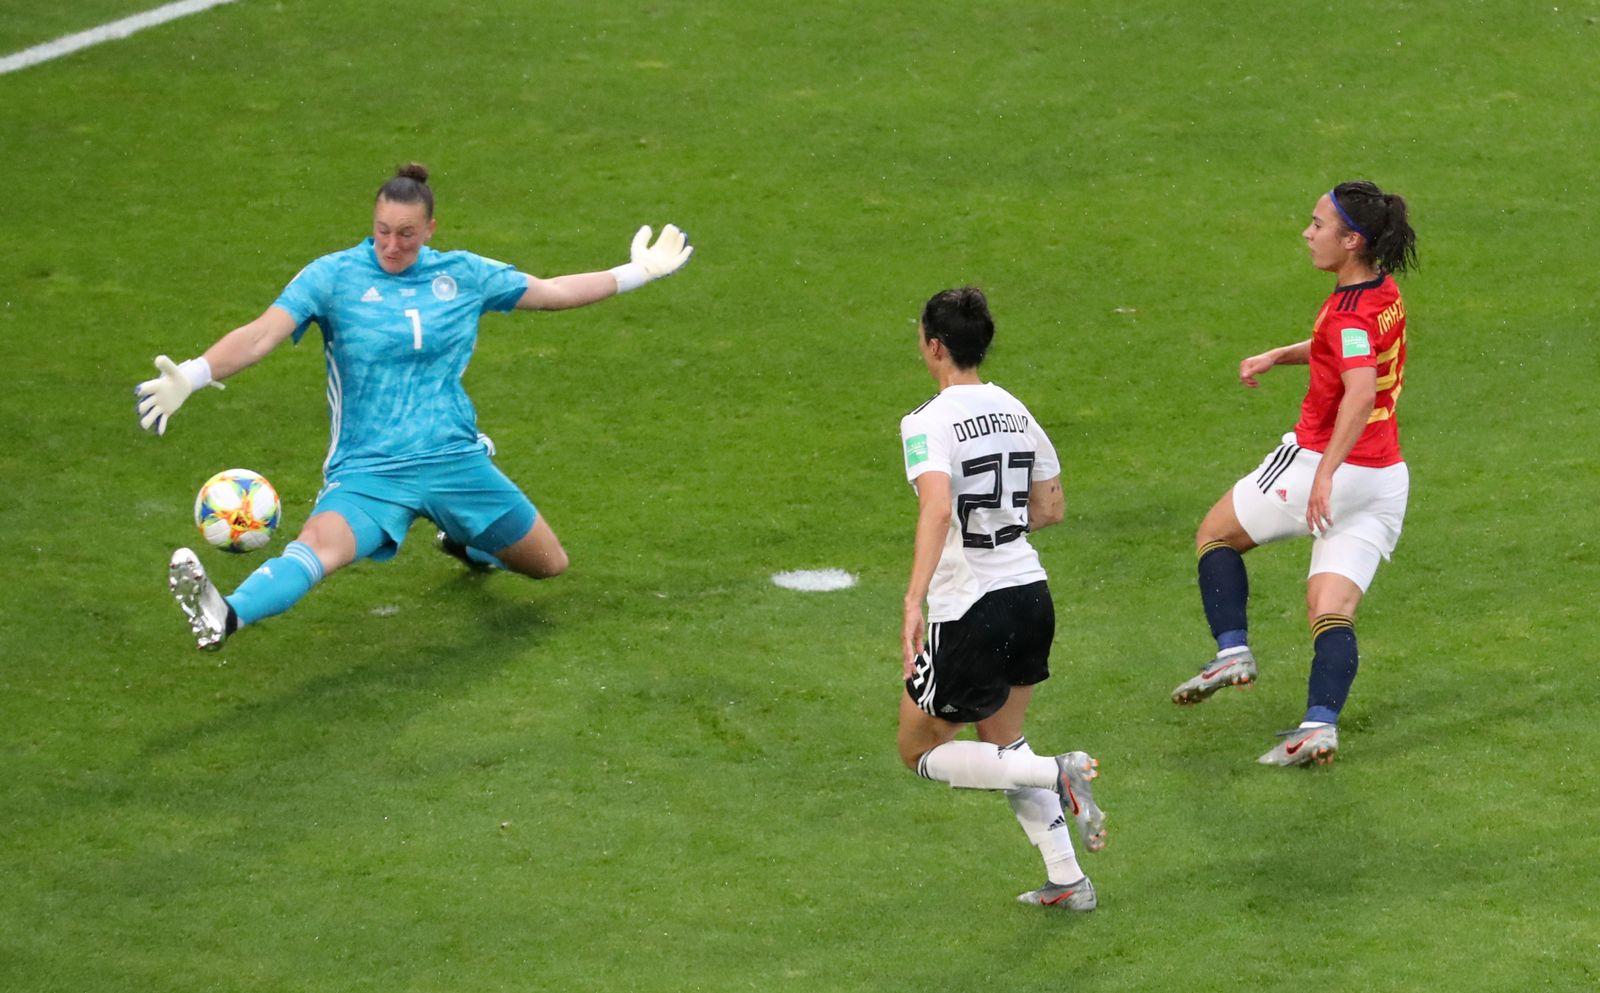 SOCCER-WORLDCUP-GER-ESP/